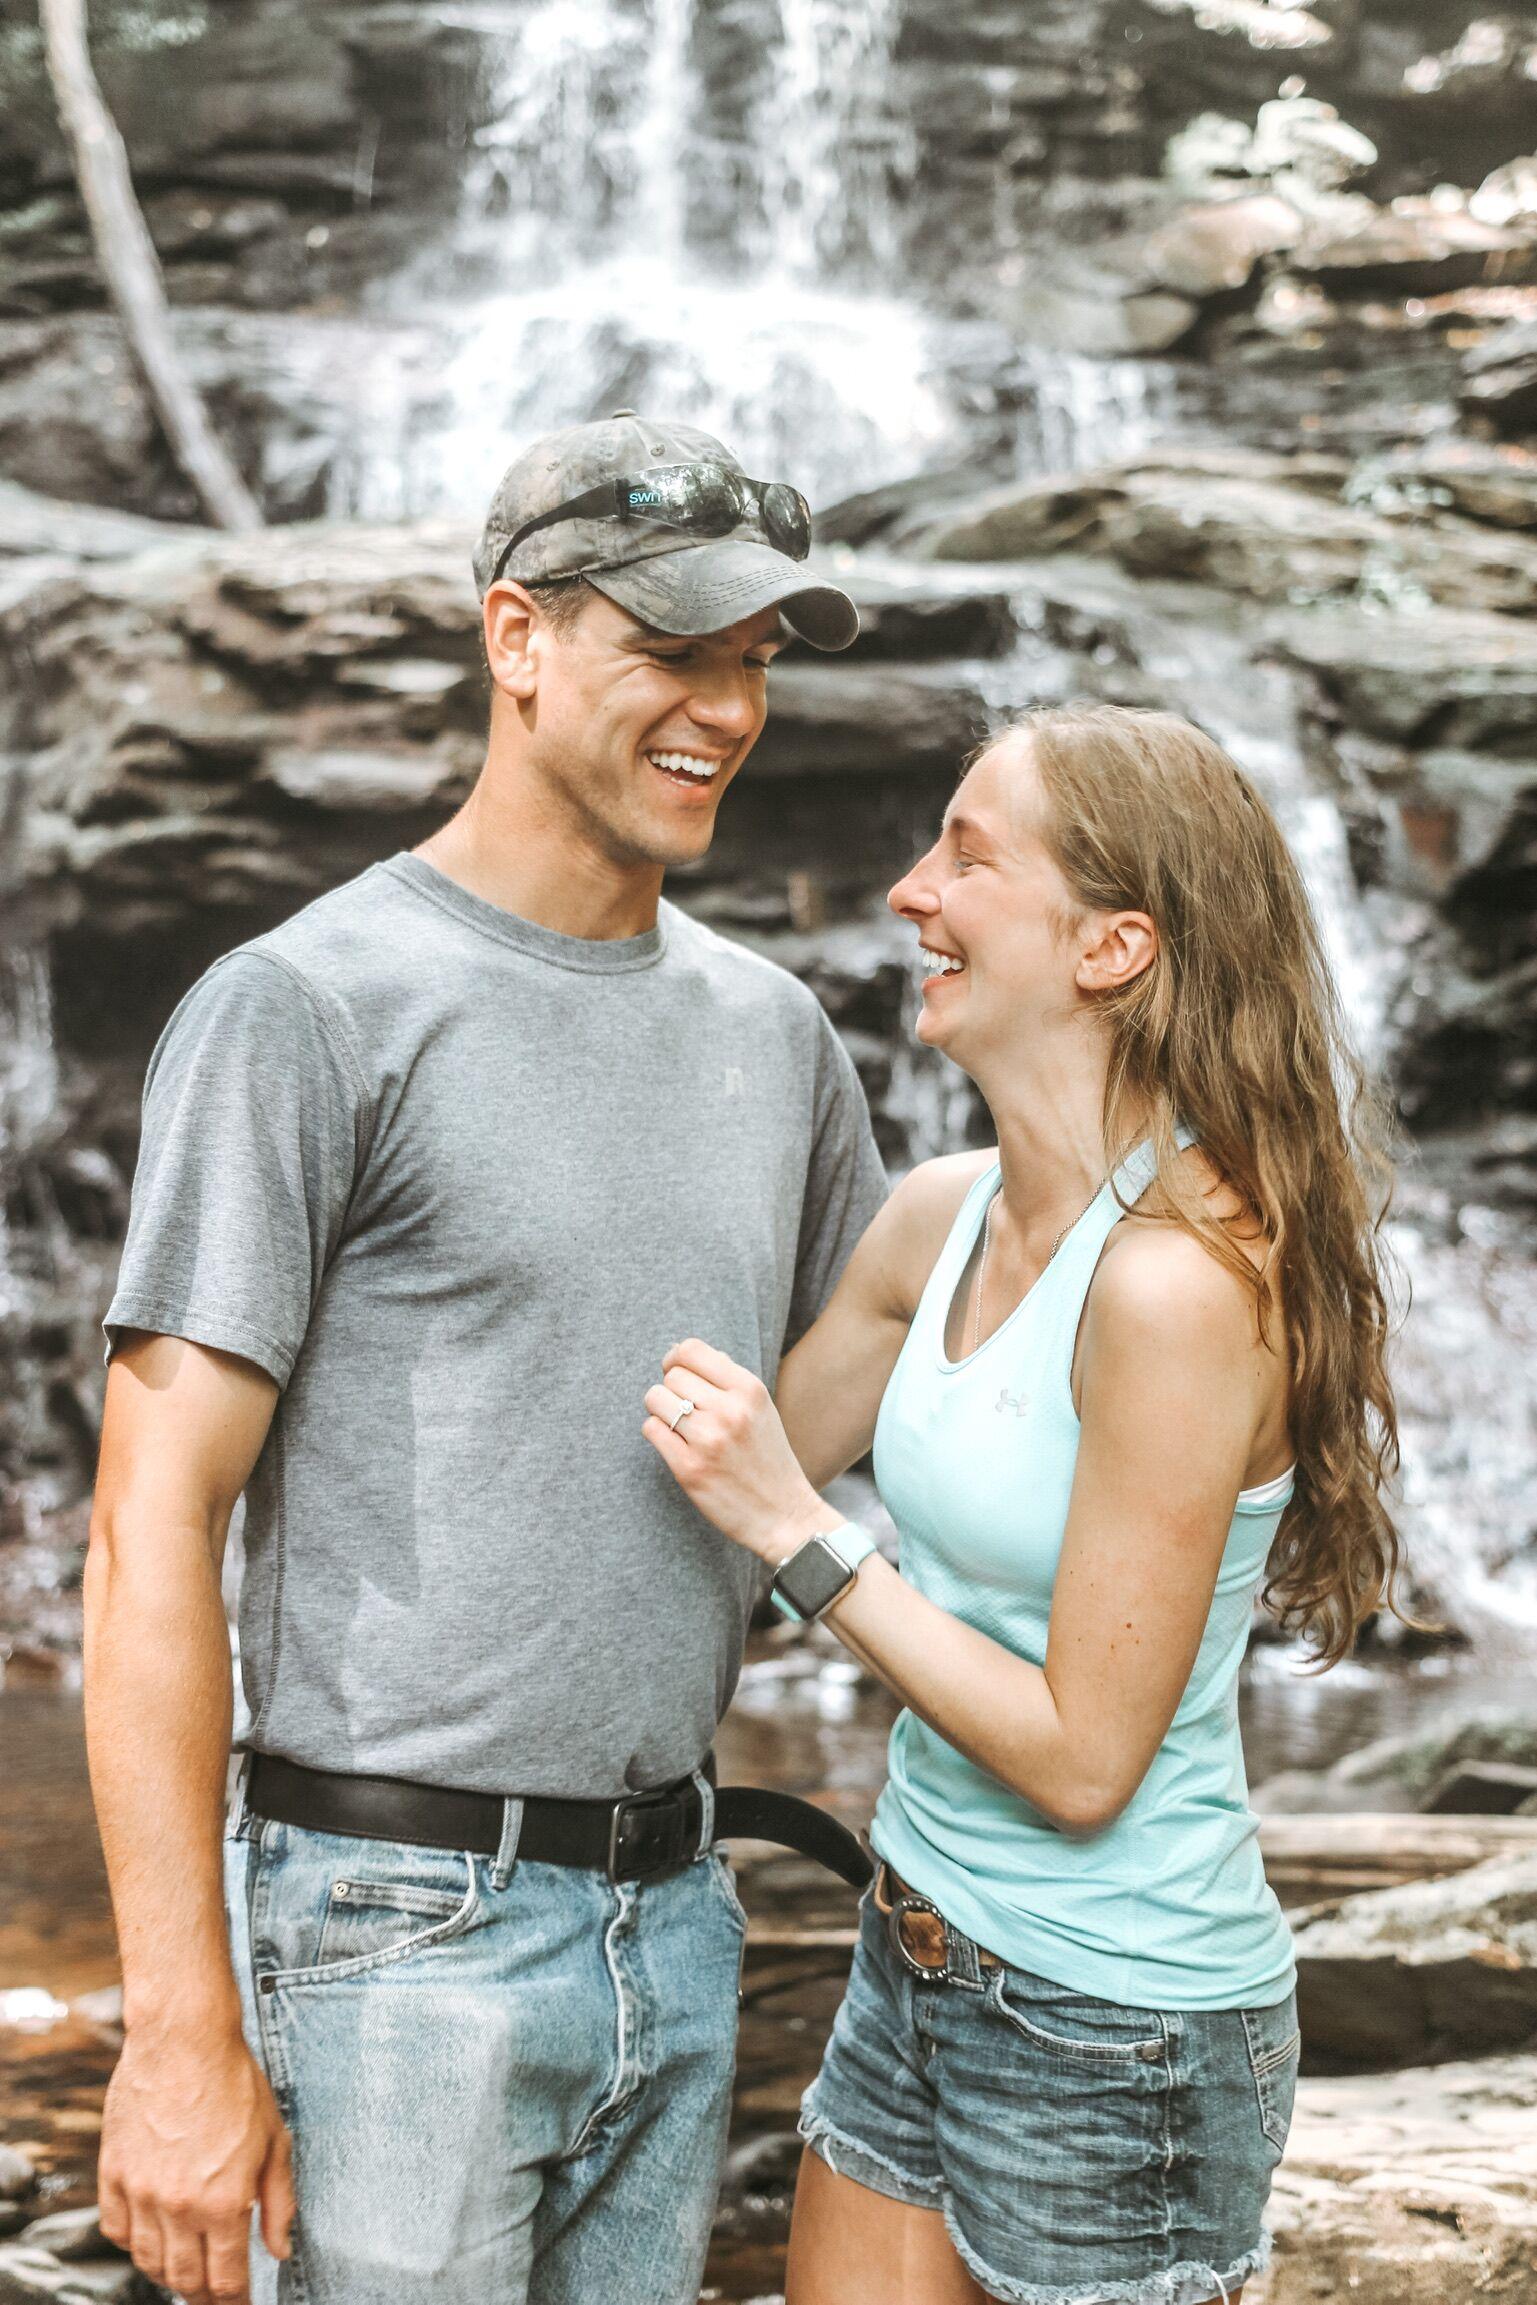 Image 1 of Lindsay and Jonathan